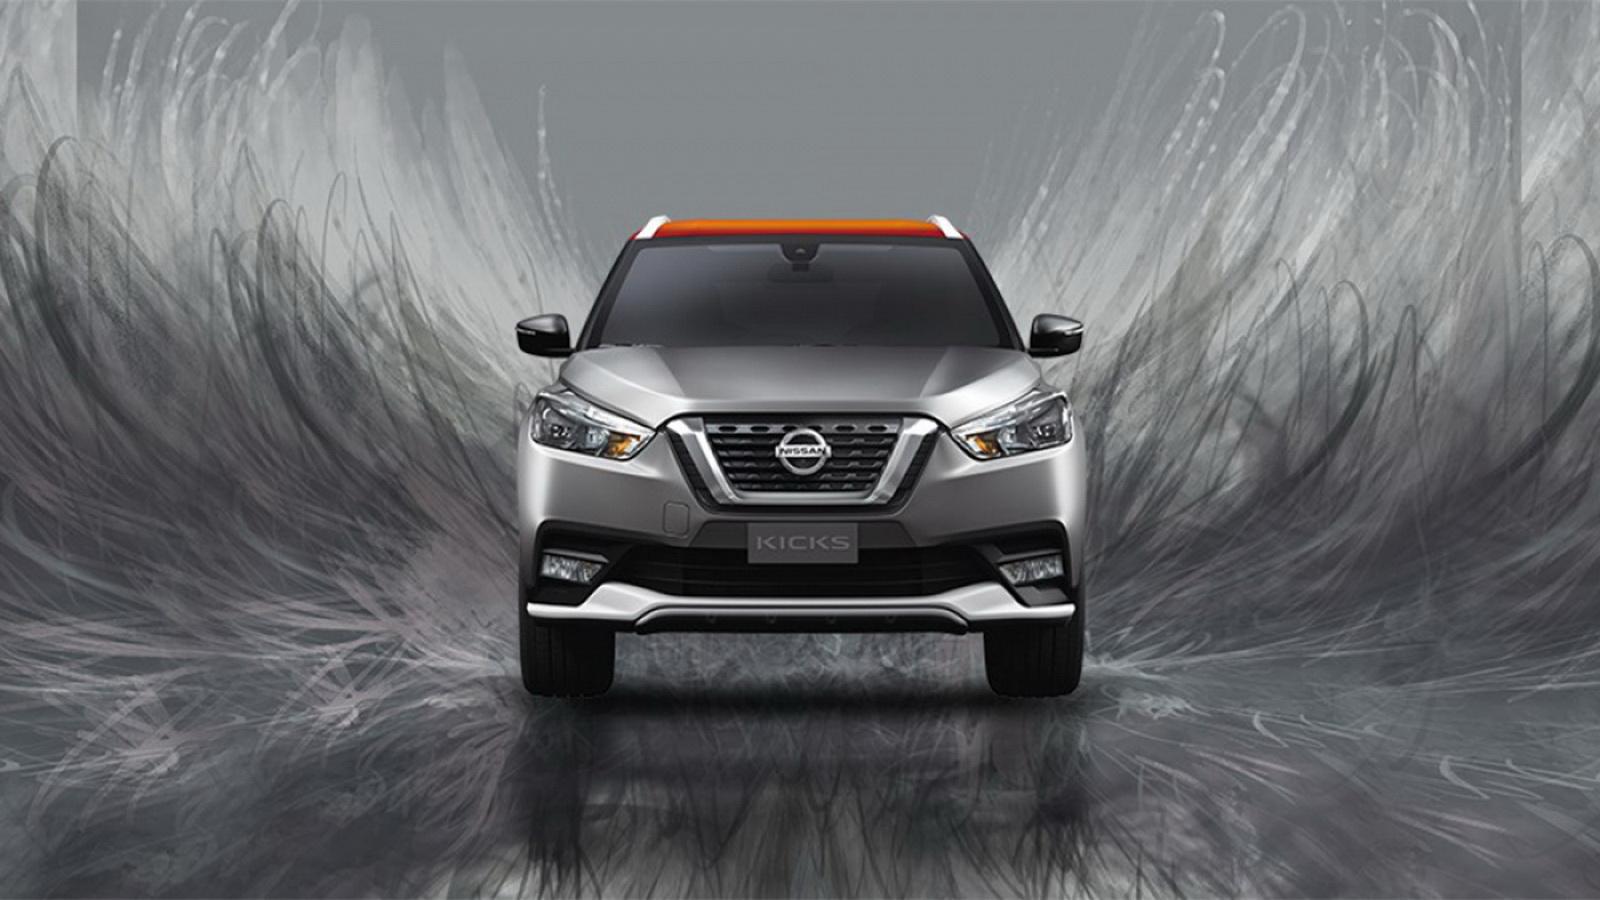 圖/2020 Nissan Kicks 1.5智行旗艦版搭載第三代HR15DE全鋁合金1.5G引擎,能達到17.3 km/L一級節能油耗成績。